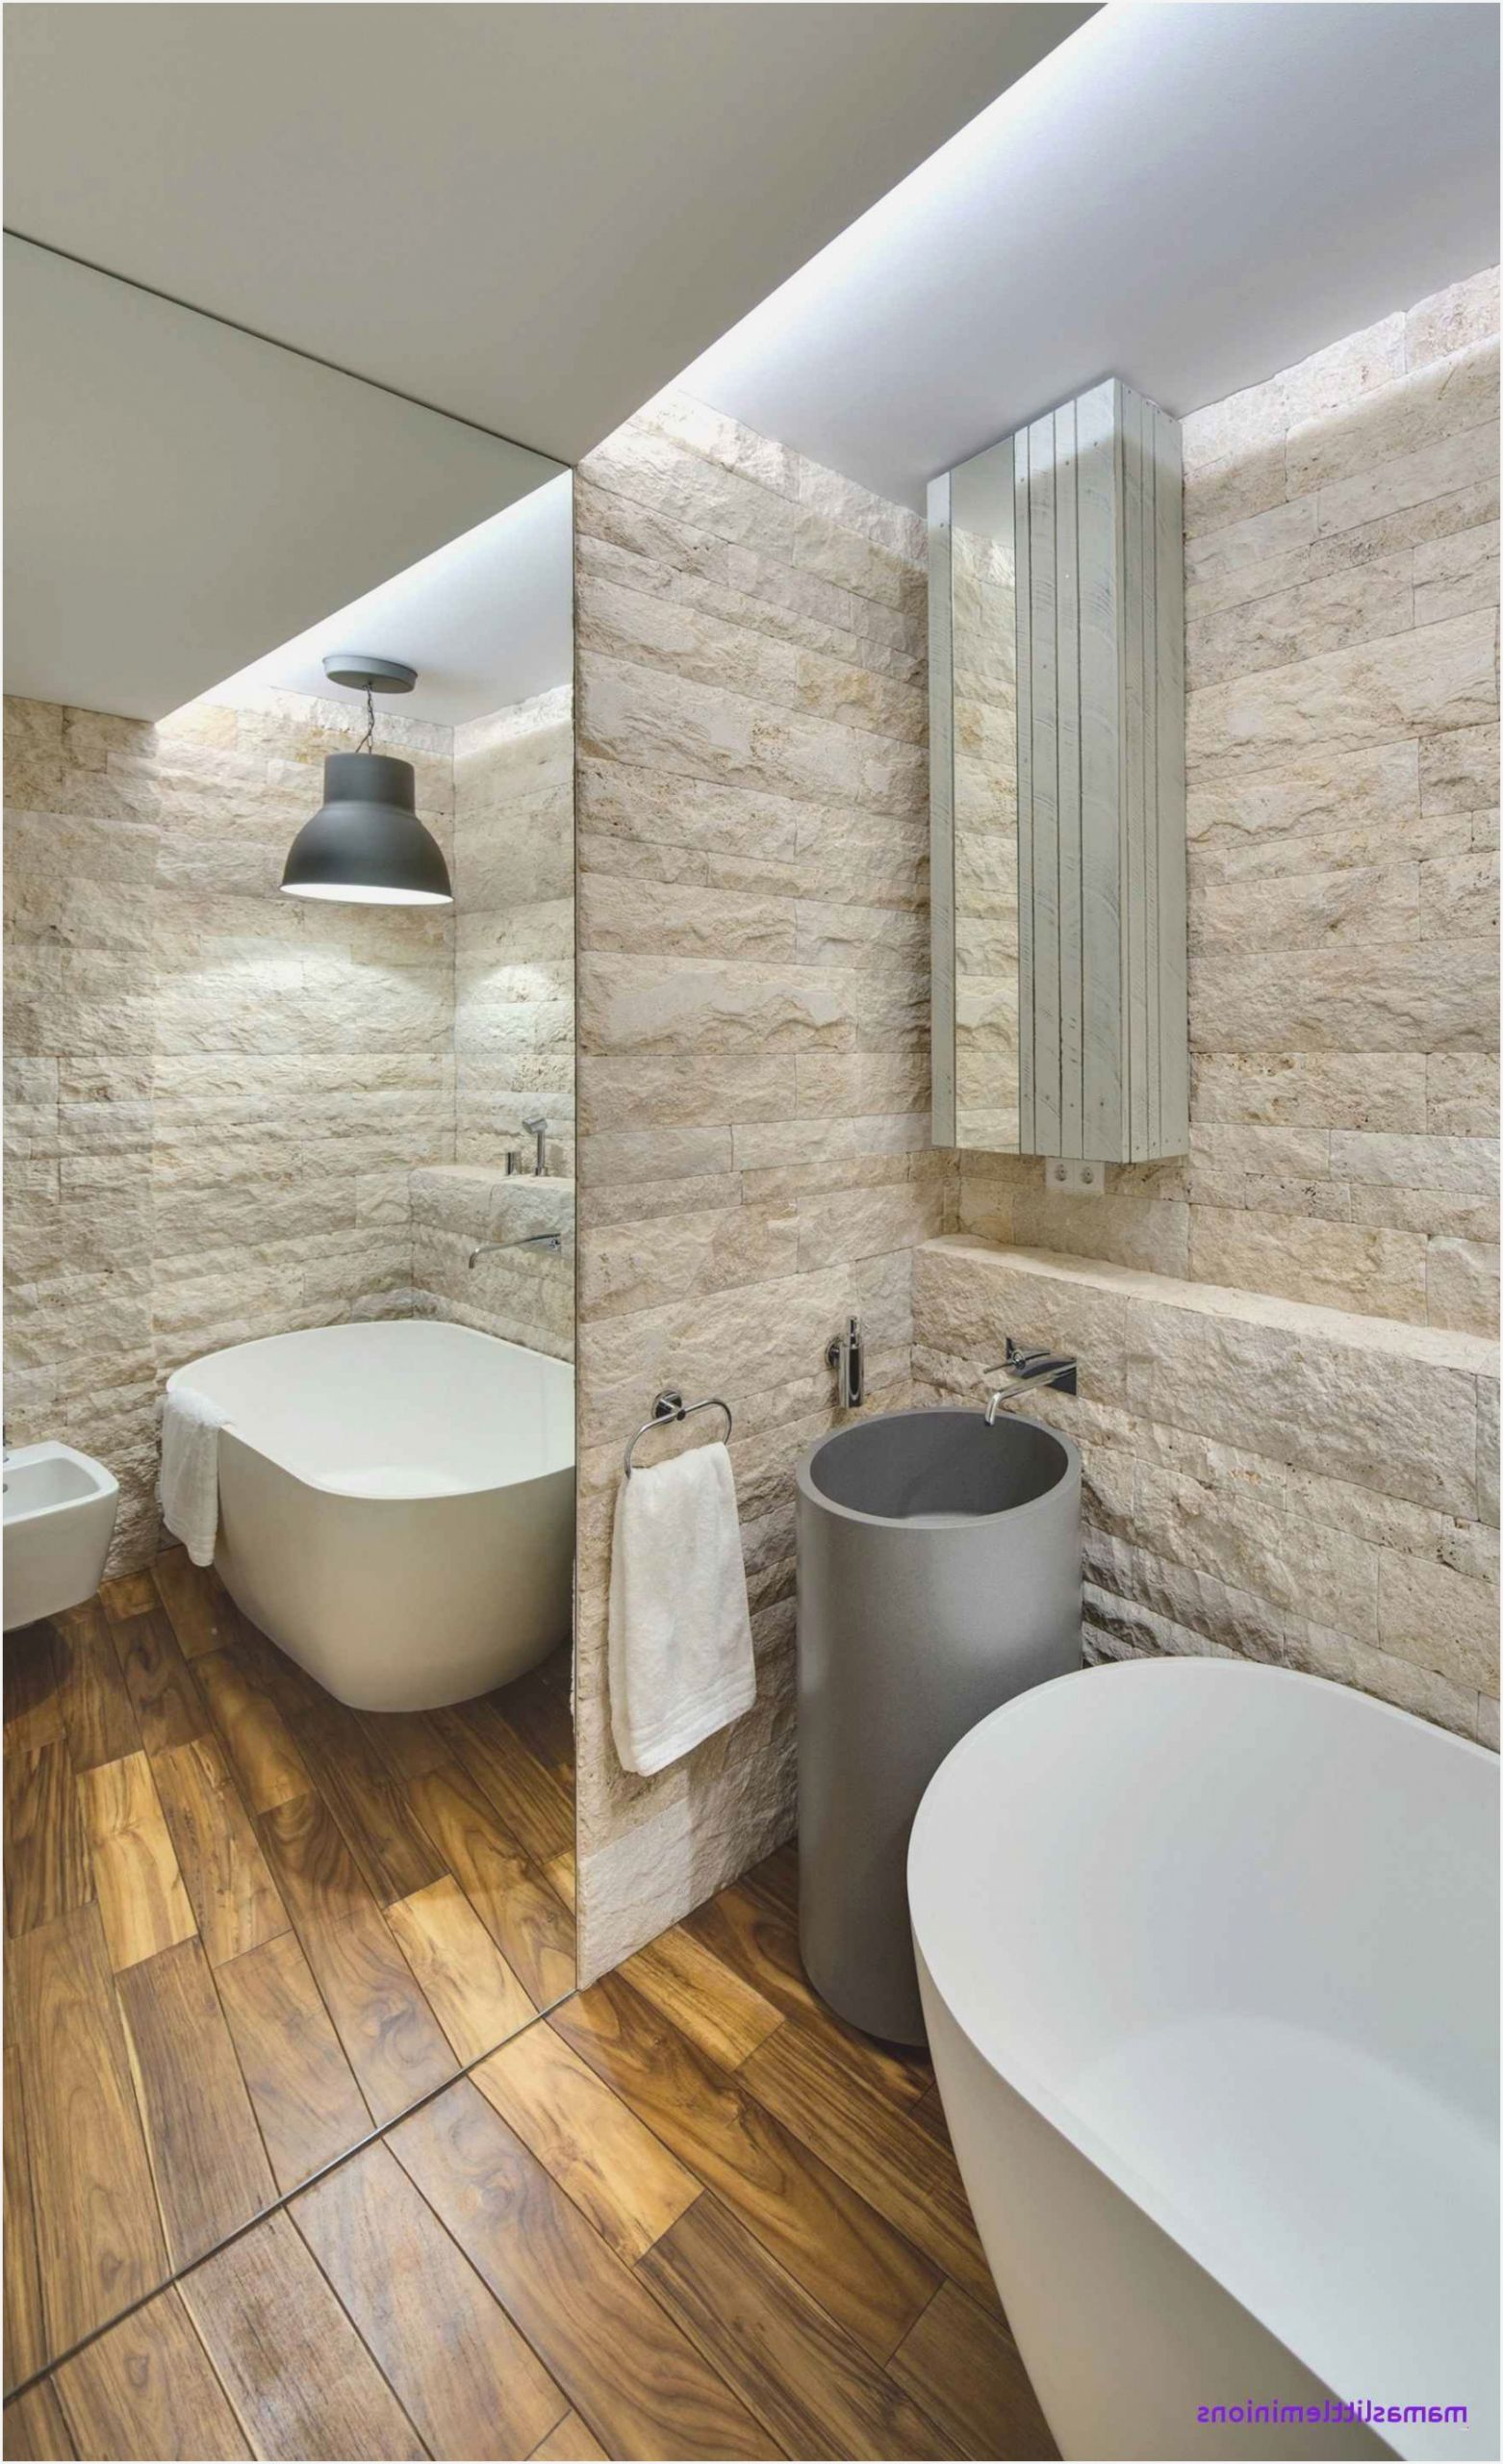 badezimmer renovieren kosten vermieter in 2020 ...